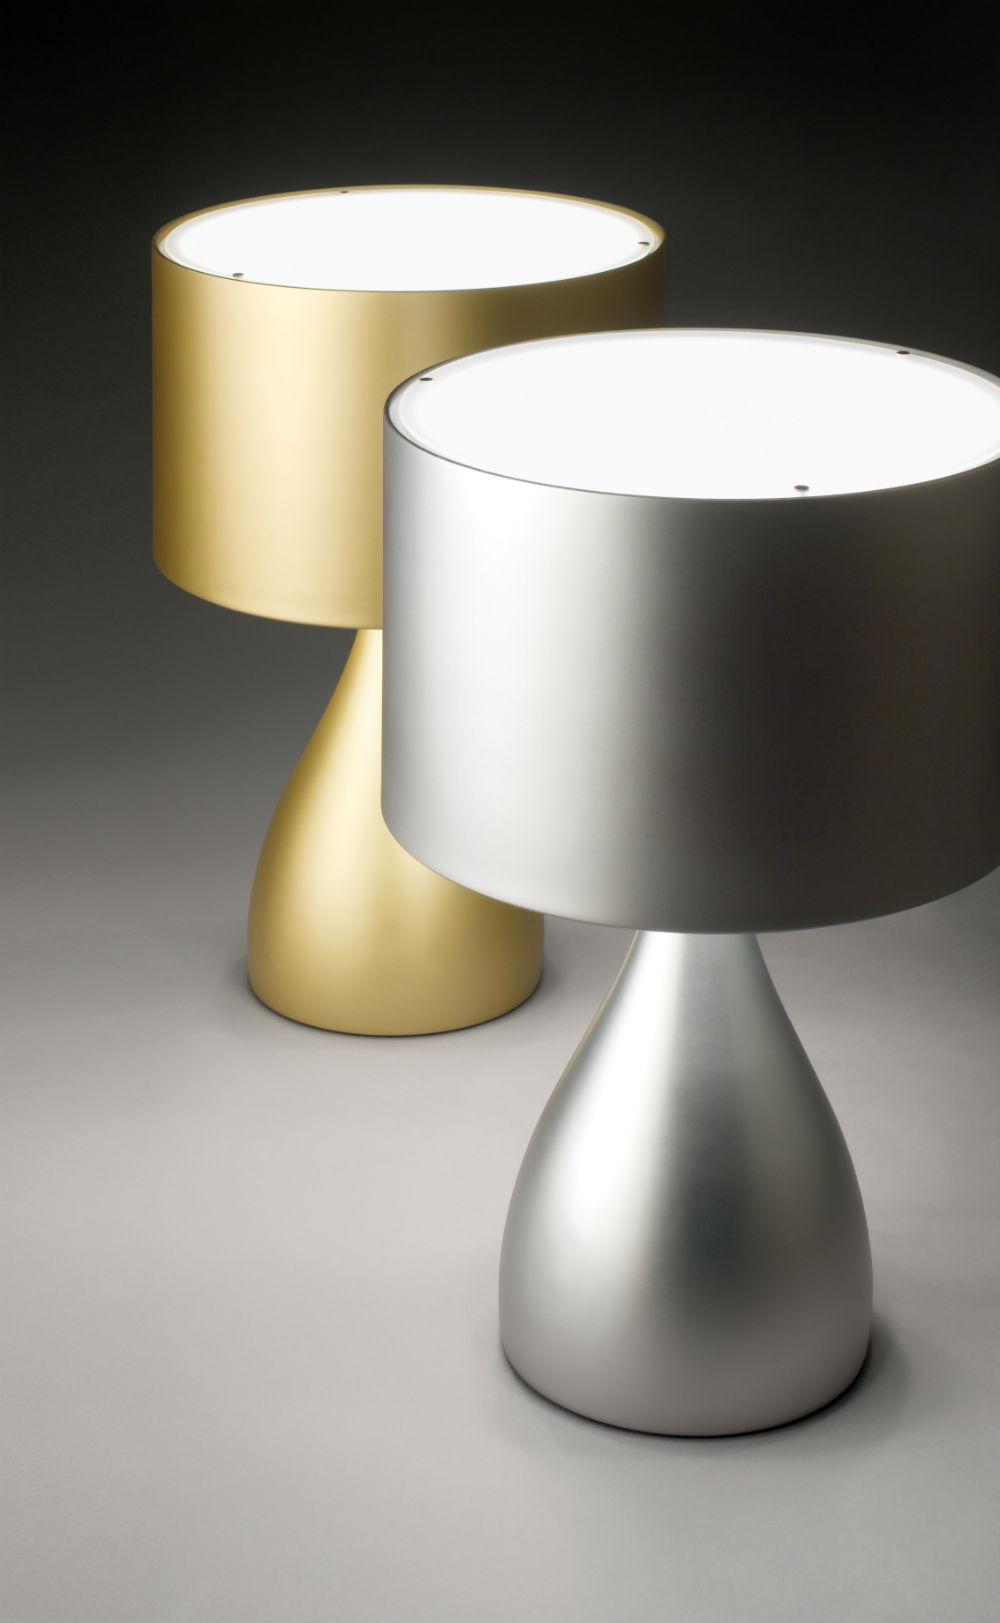 Jazz lampe de bureau courte Laquage argent